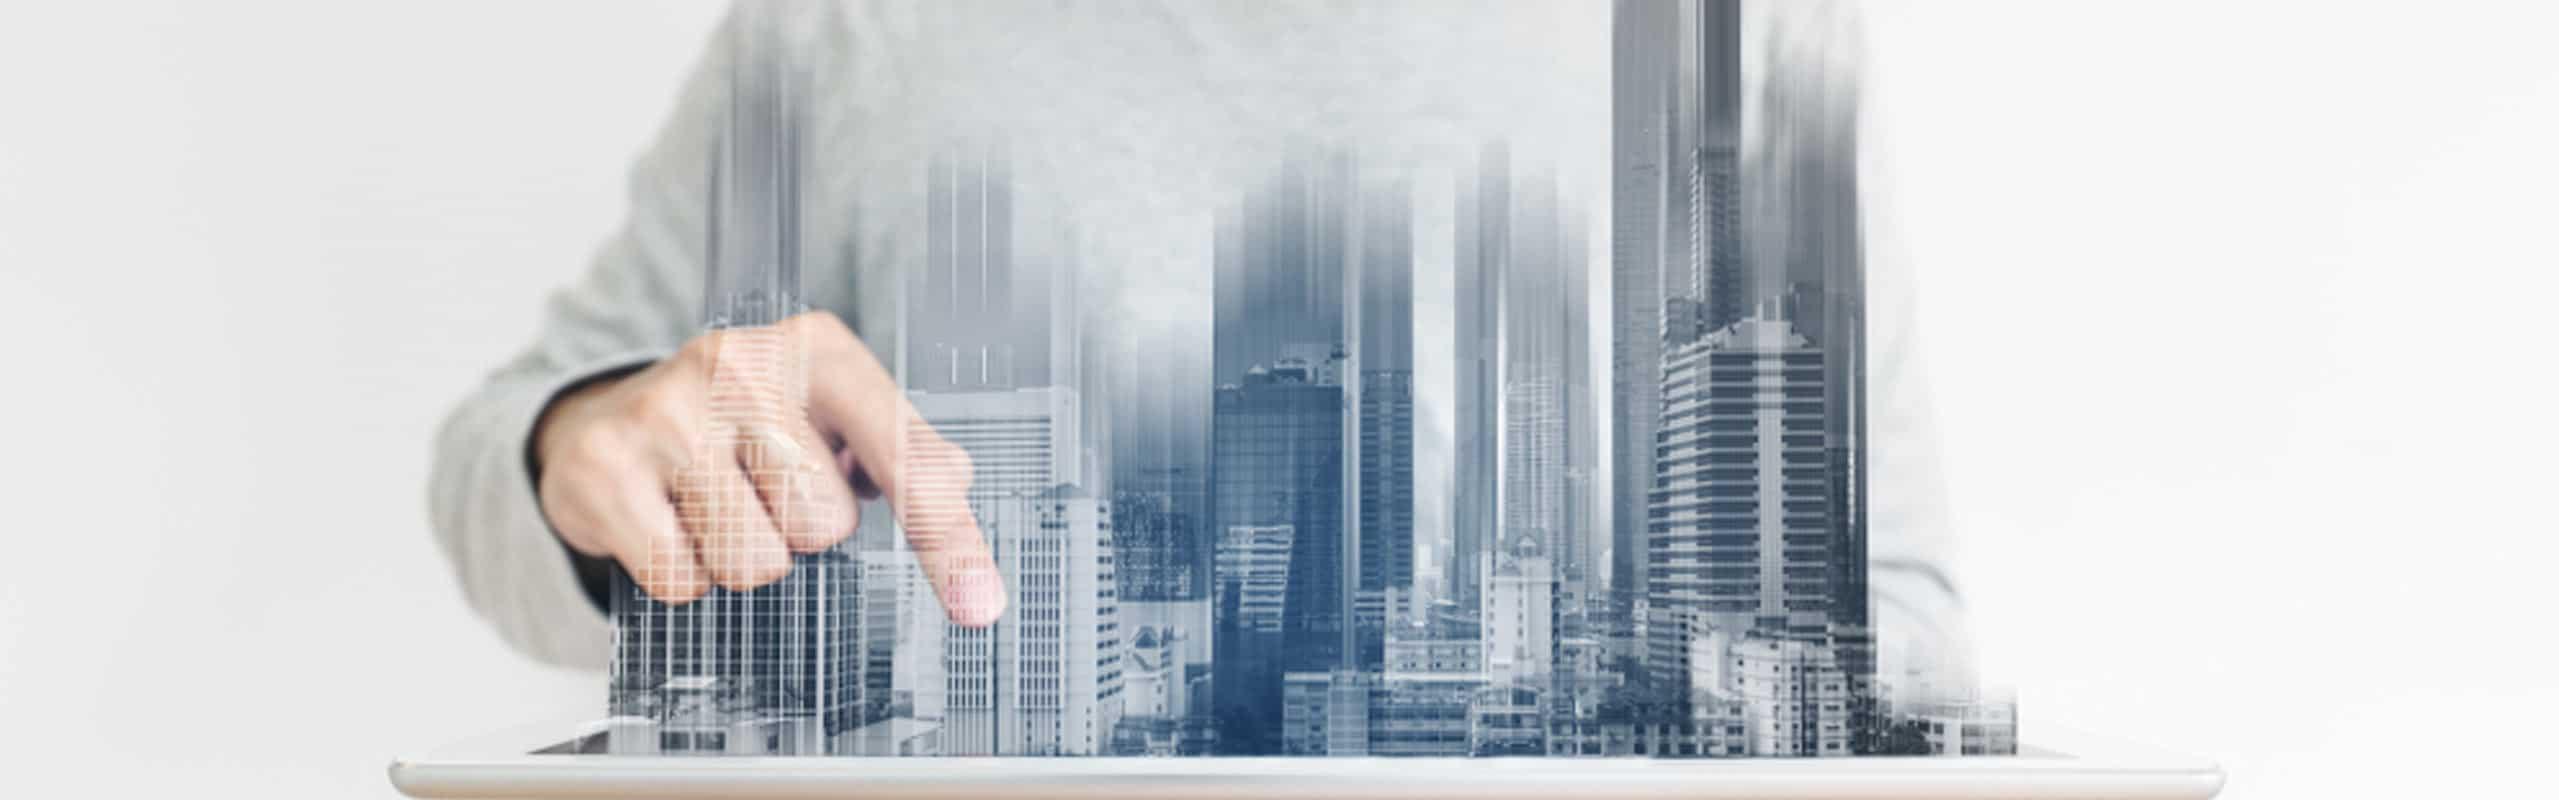 Descubre las innovaciones inmobiliarias y las últimas tendencias en el sector